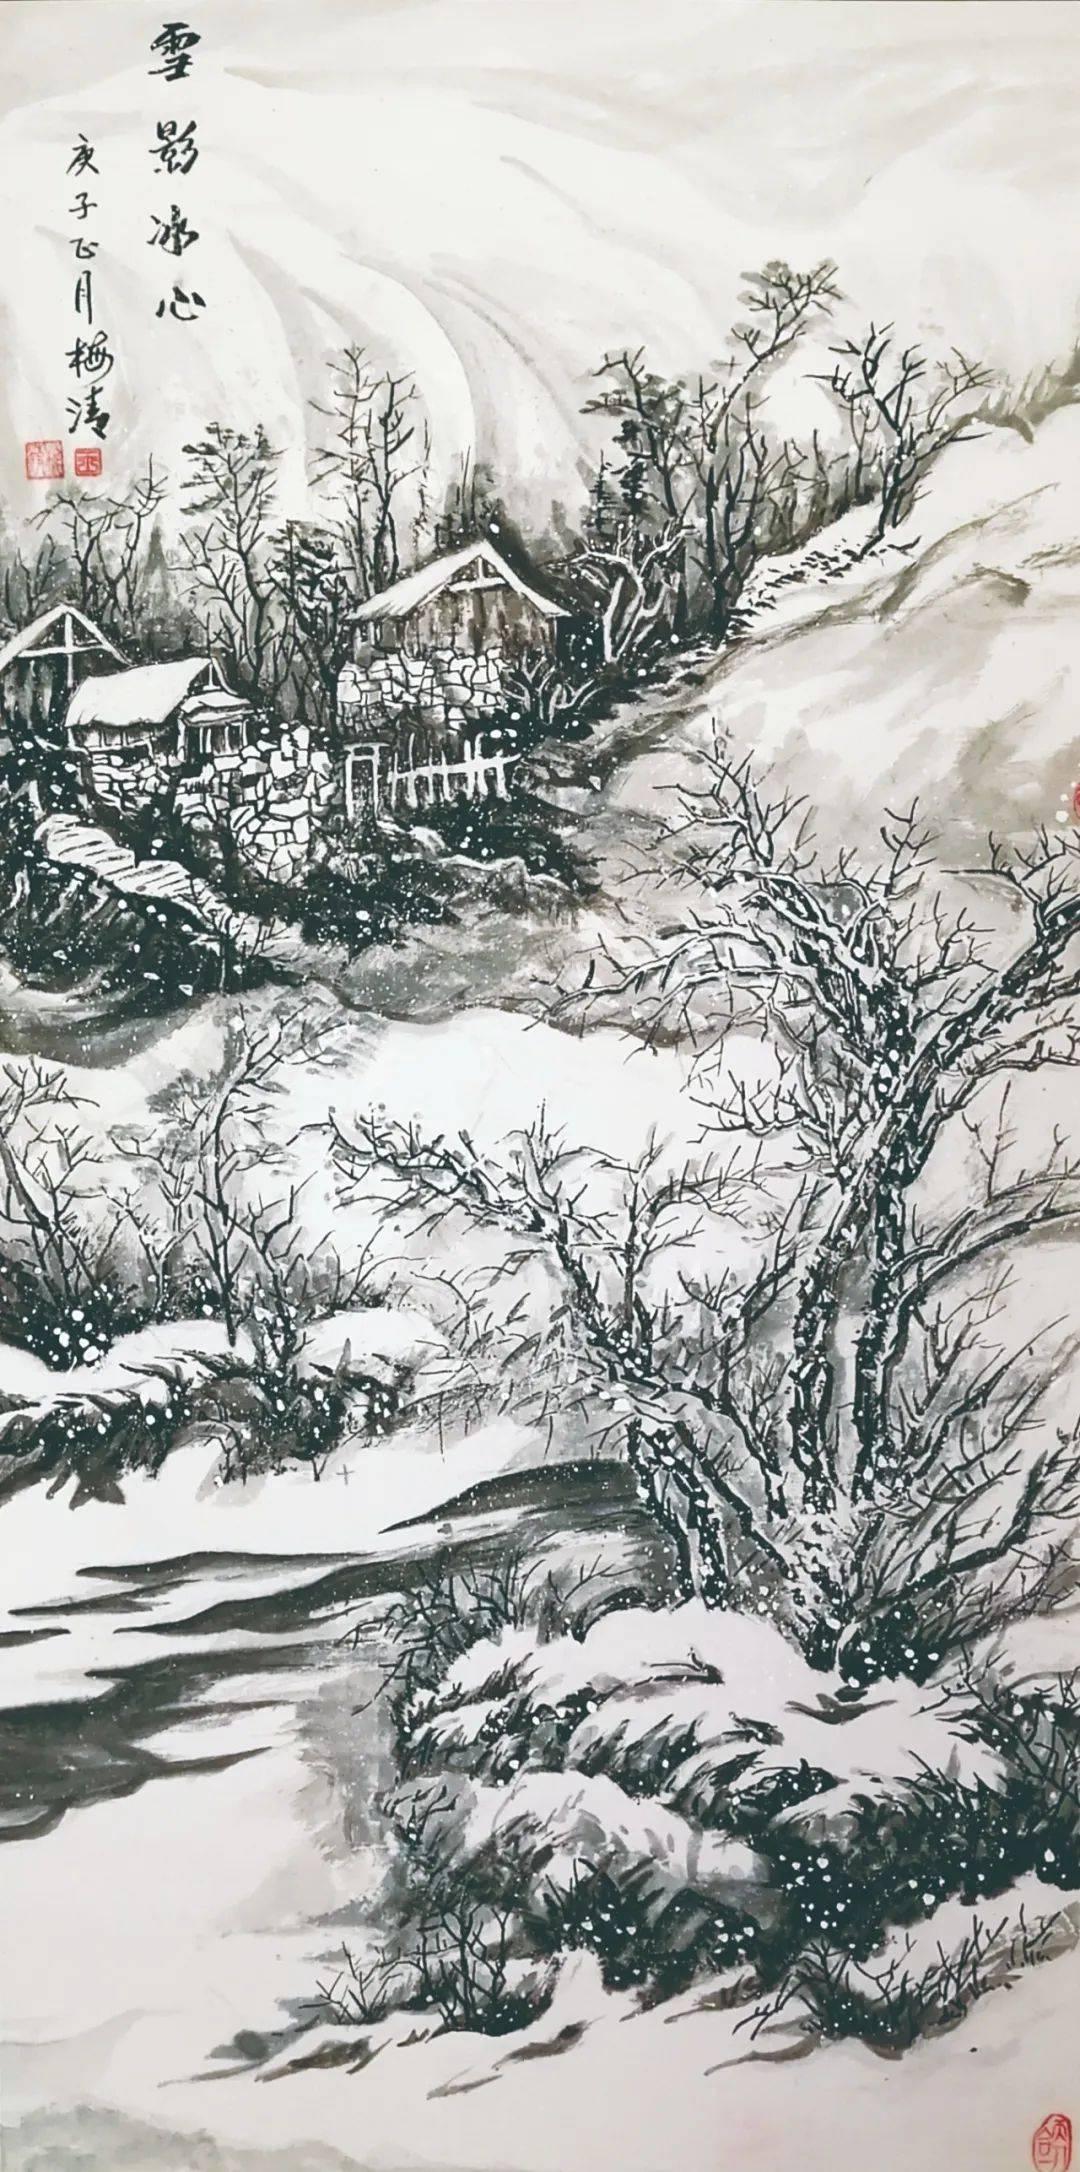 作品欣赏·1 ▎春华秋实——庆祝潍坊市书画家联谊会成立25周年书画艺术成果(网络)展·山水画篇